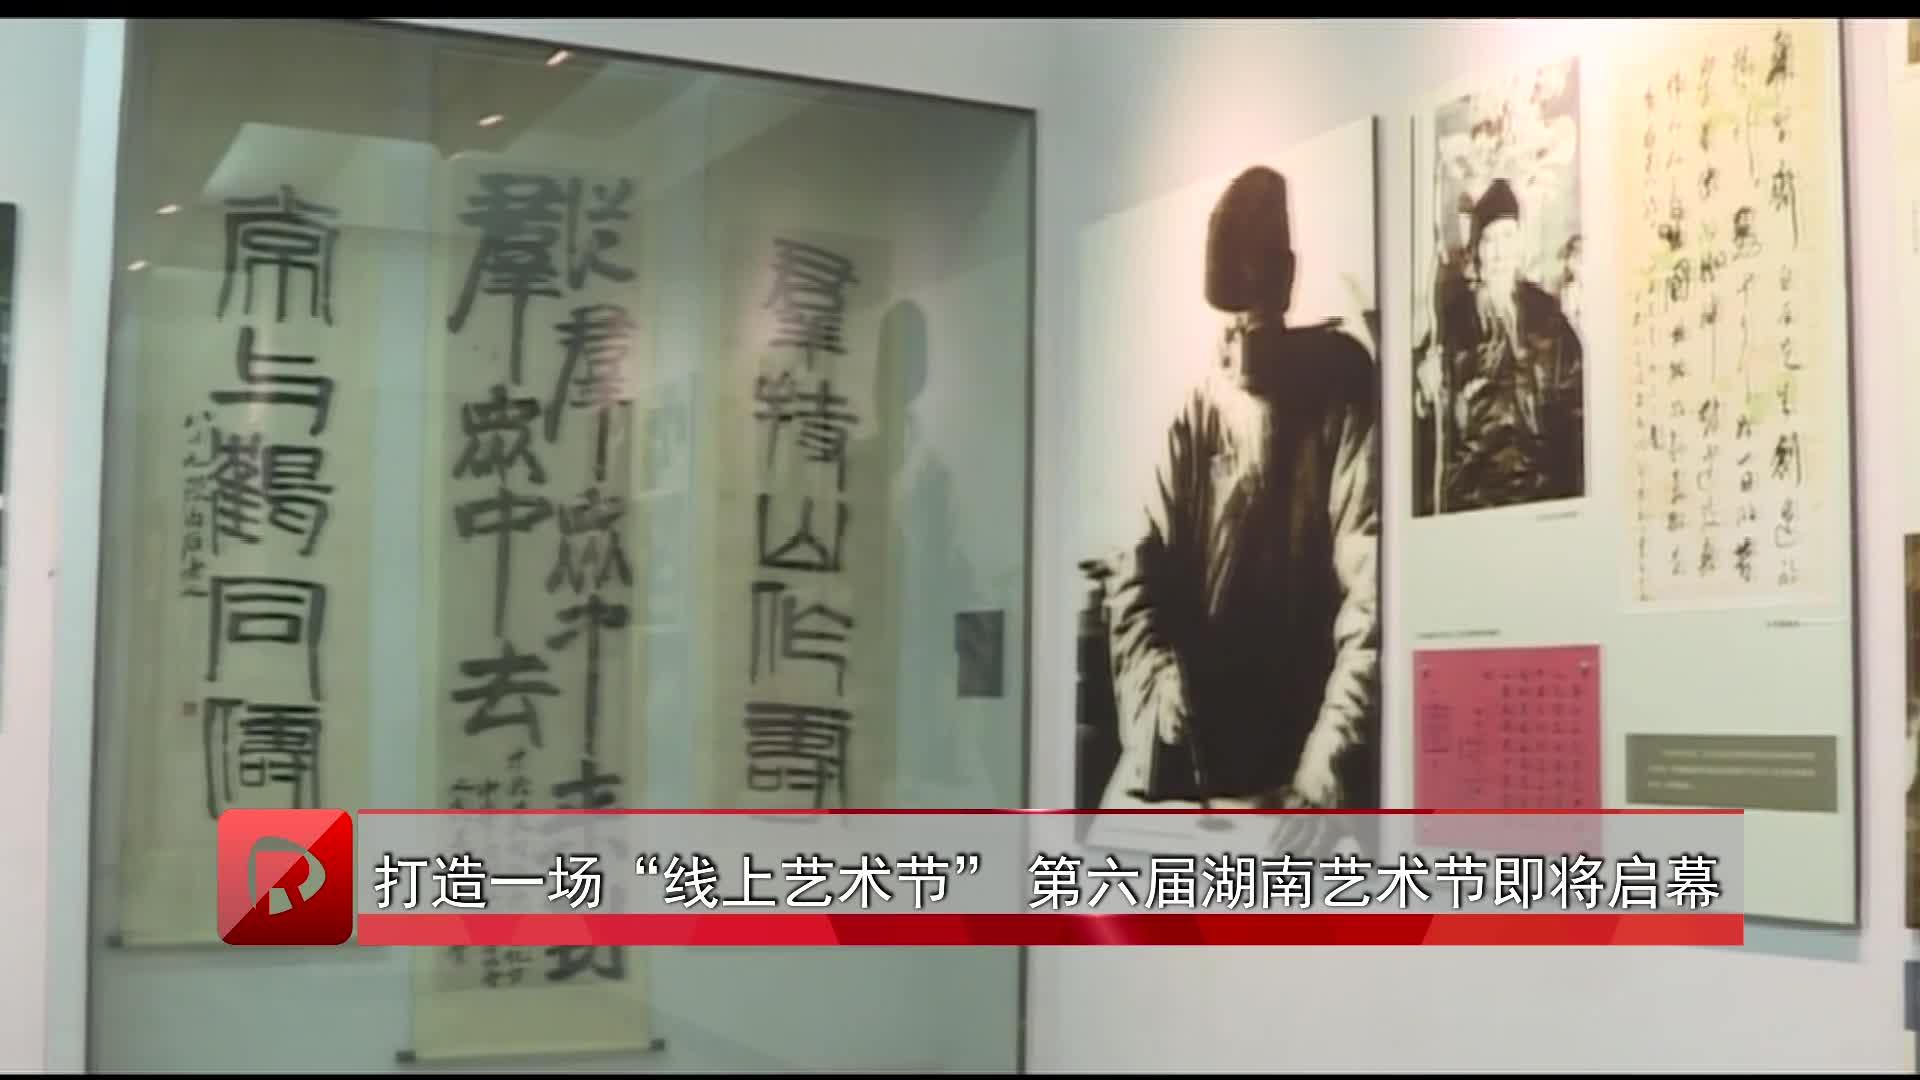 """打造一场""""线上艺术节"""" 第六届湖南艺术节即将启幕"""